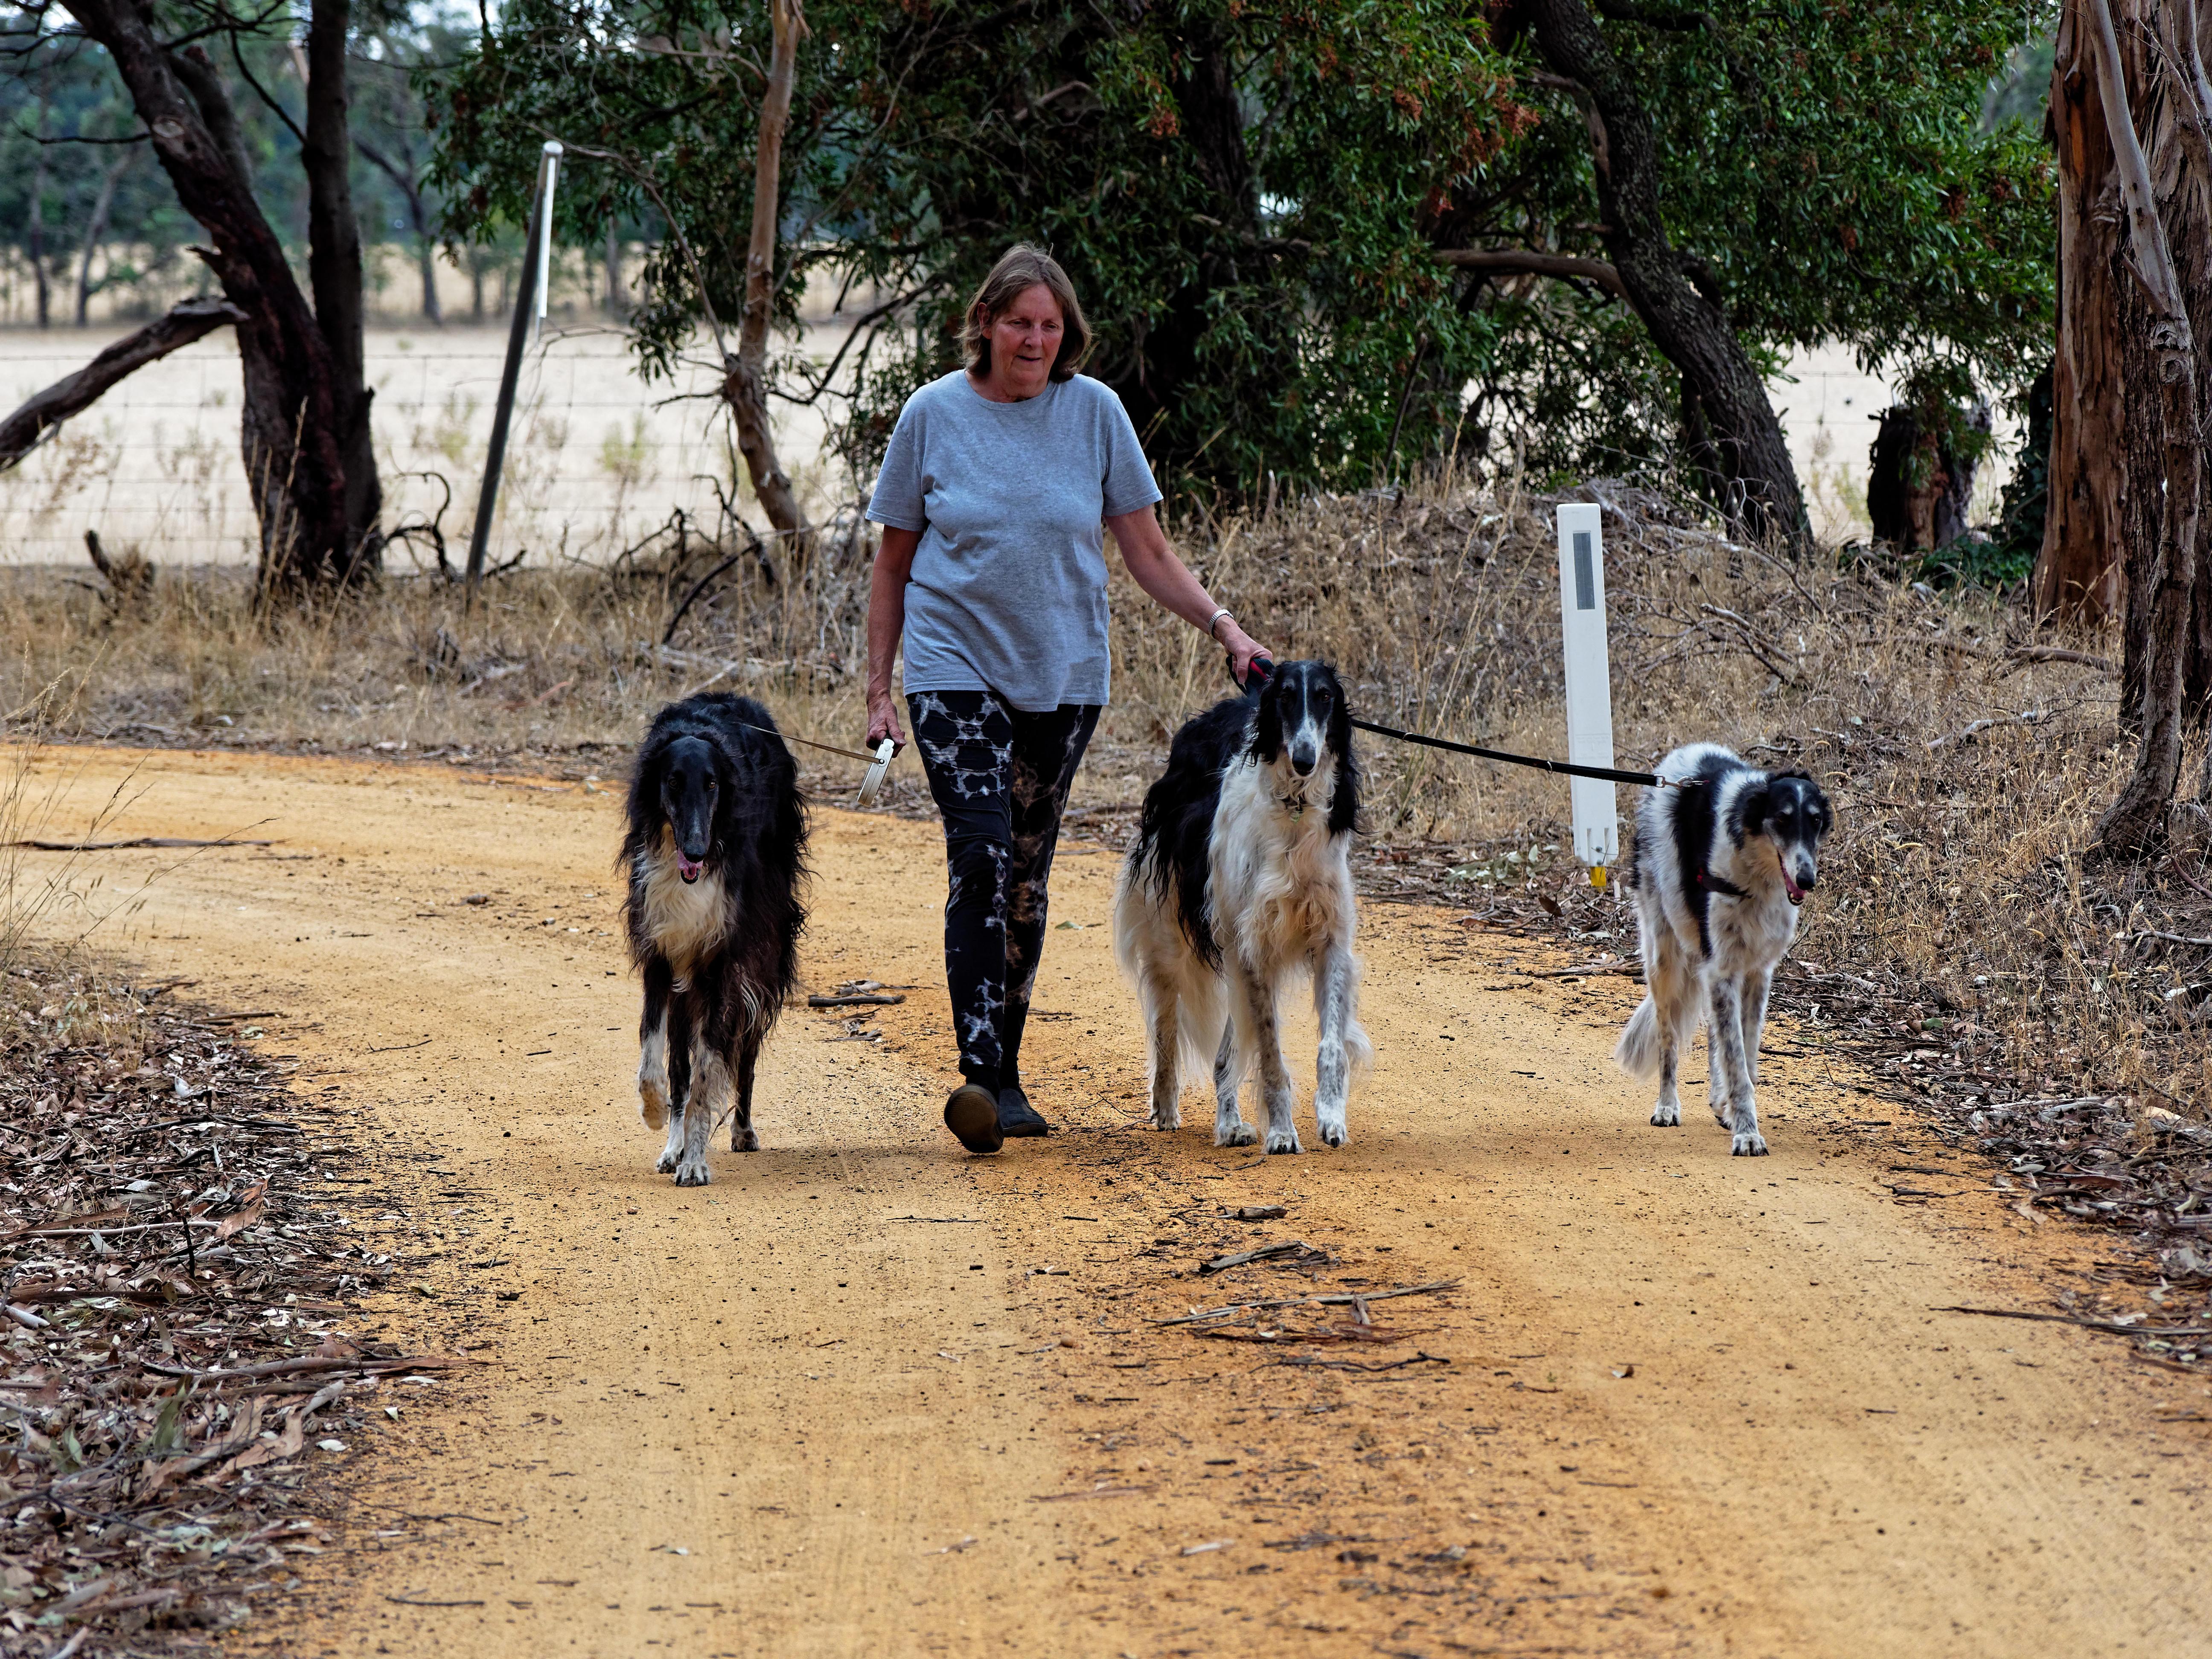 Walking-dogs-49.jpeg